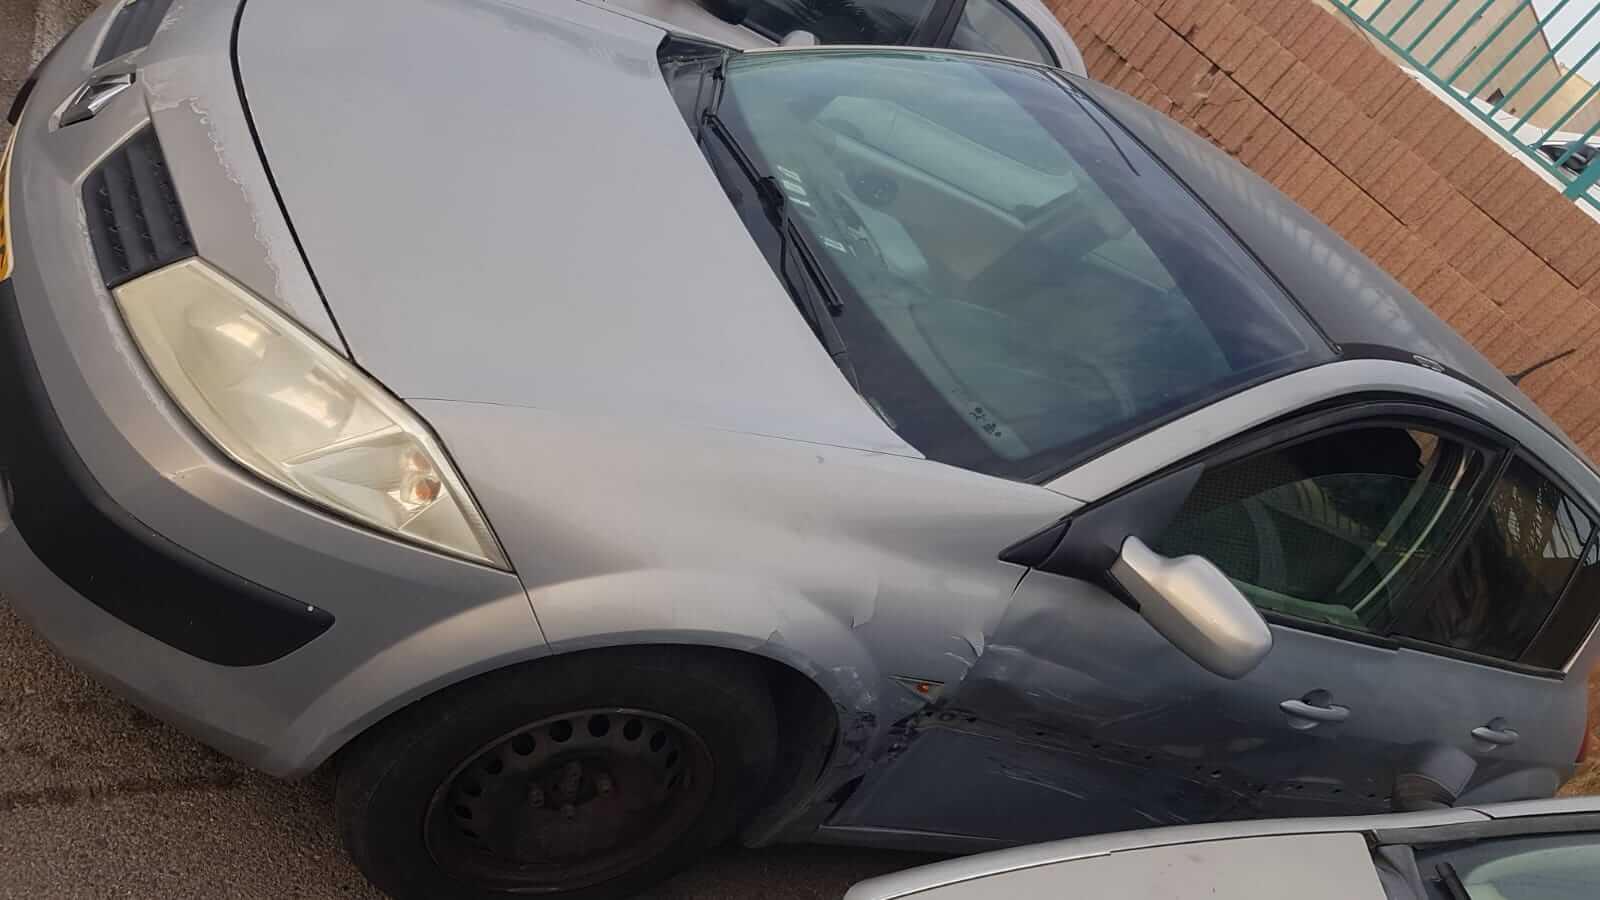 מכירת רכב לפירוק לאחר תאונה